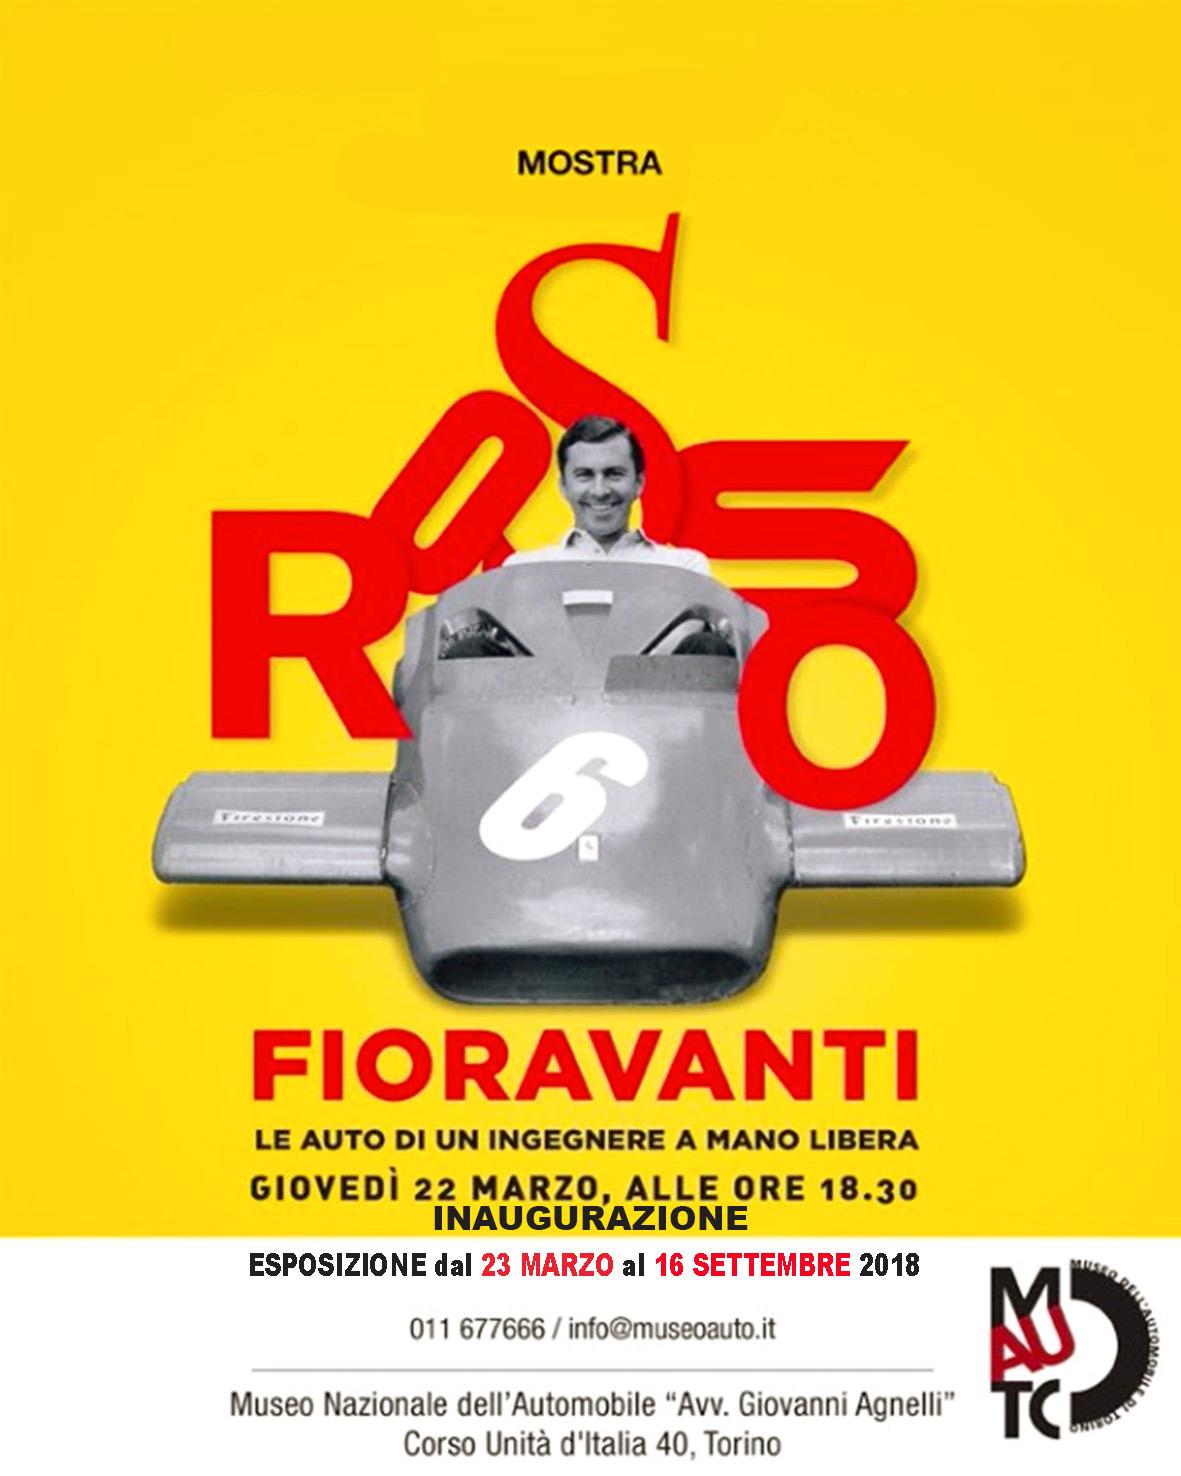 'Rosso Fioravanti, Le auto di un ingegnere a mano libera', dal 23 marzo al 16 settembre 2018, la mostra, con inaugurazione giovedì 22 marzo, alle ore 18,30 © MAUTO/Fioravanti